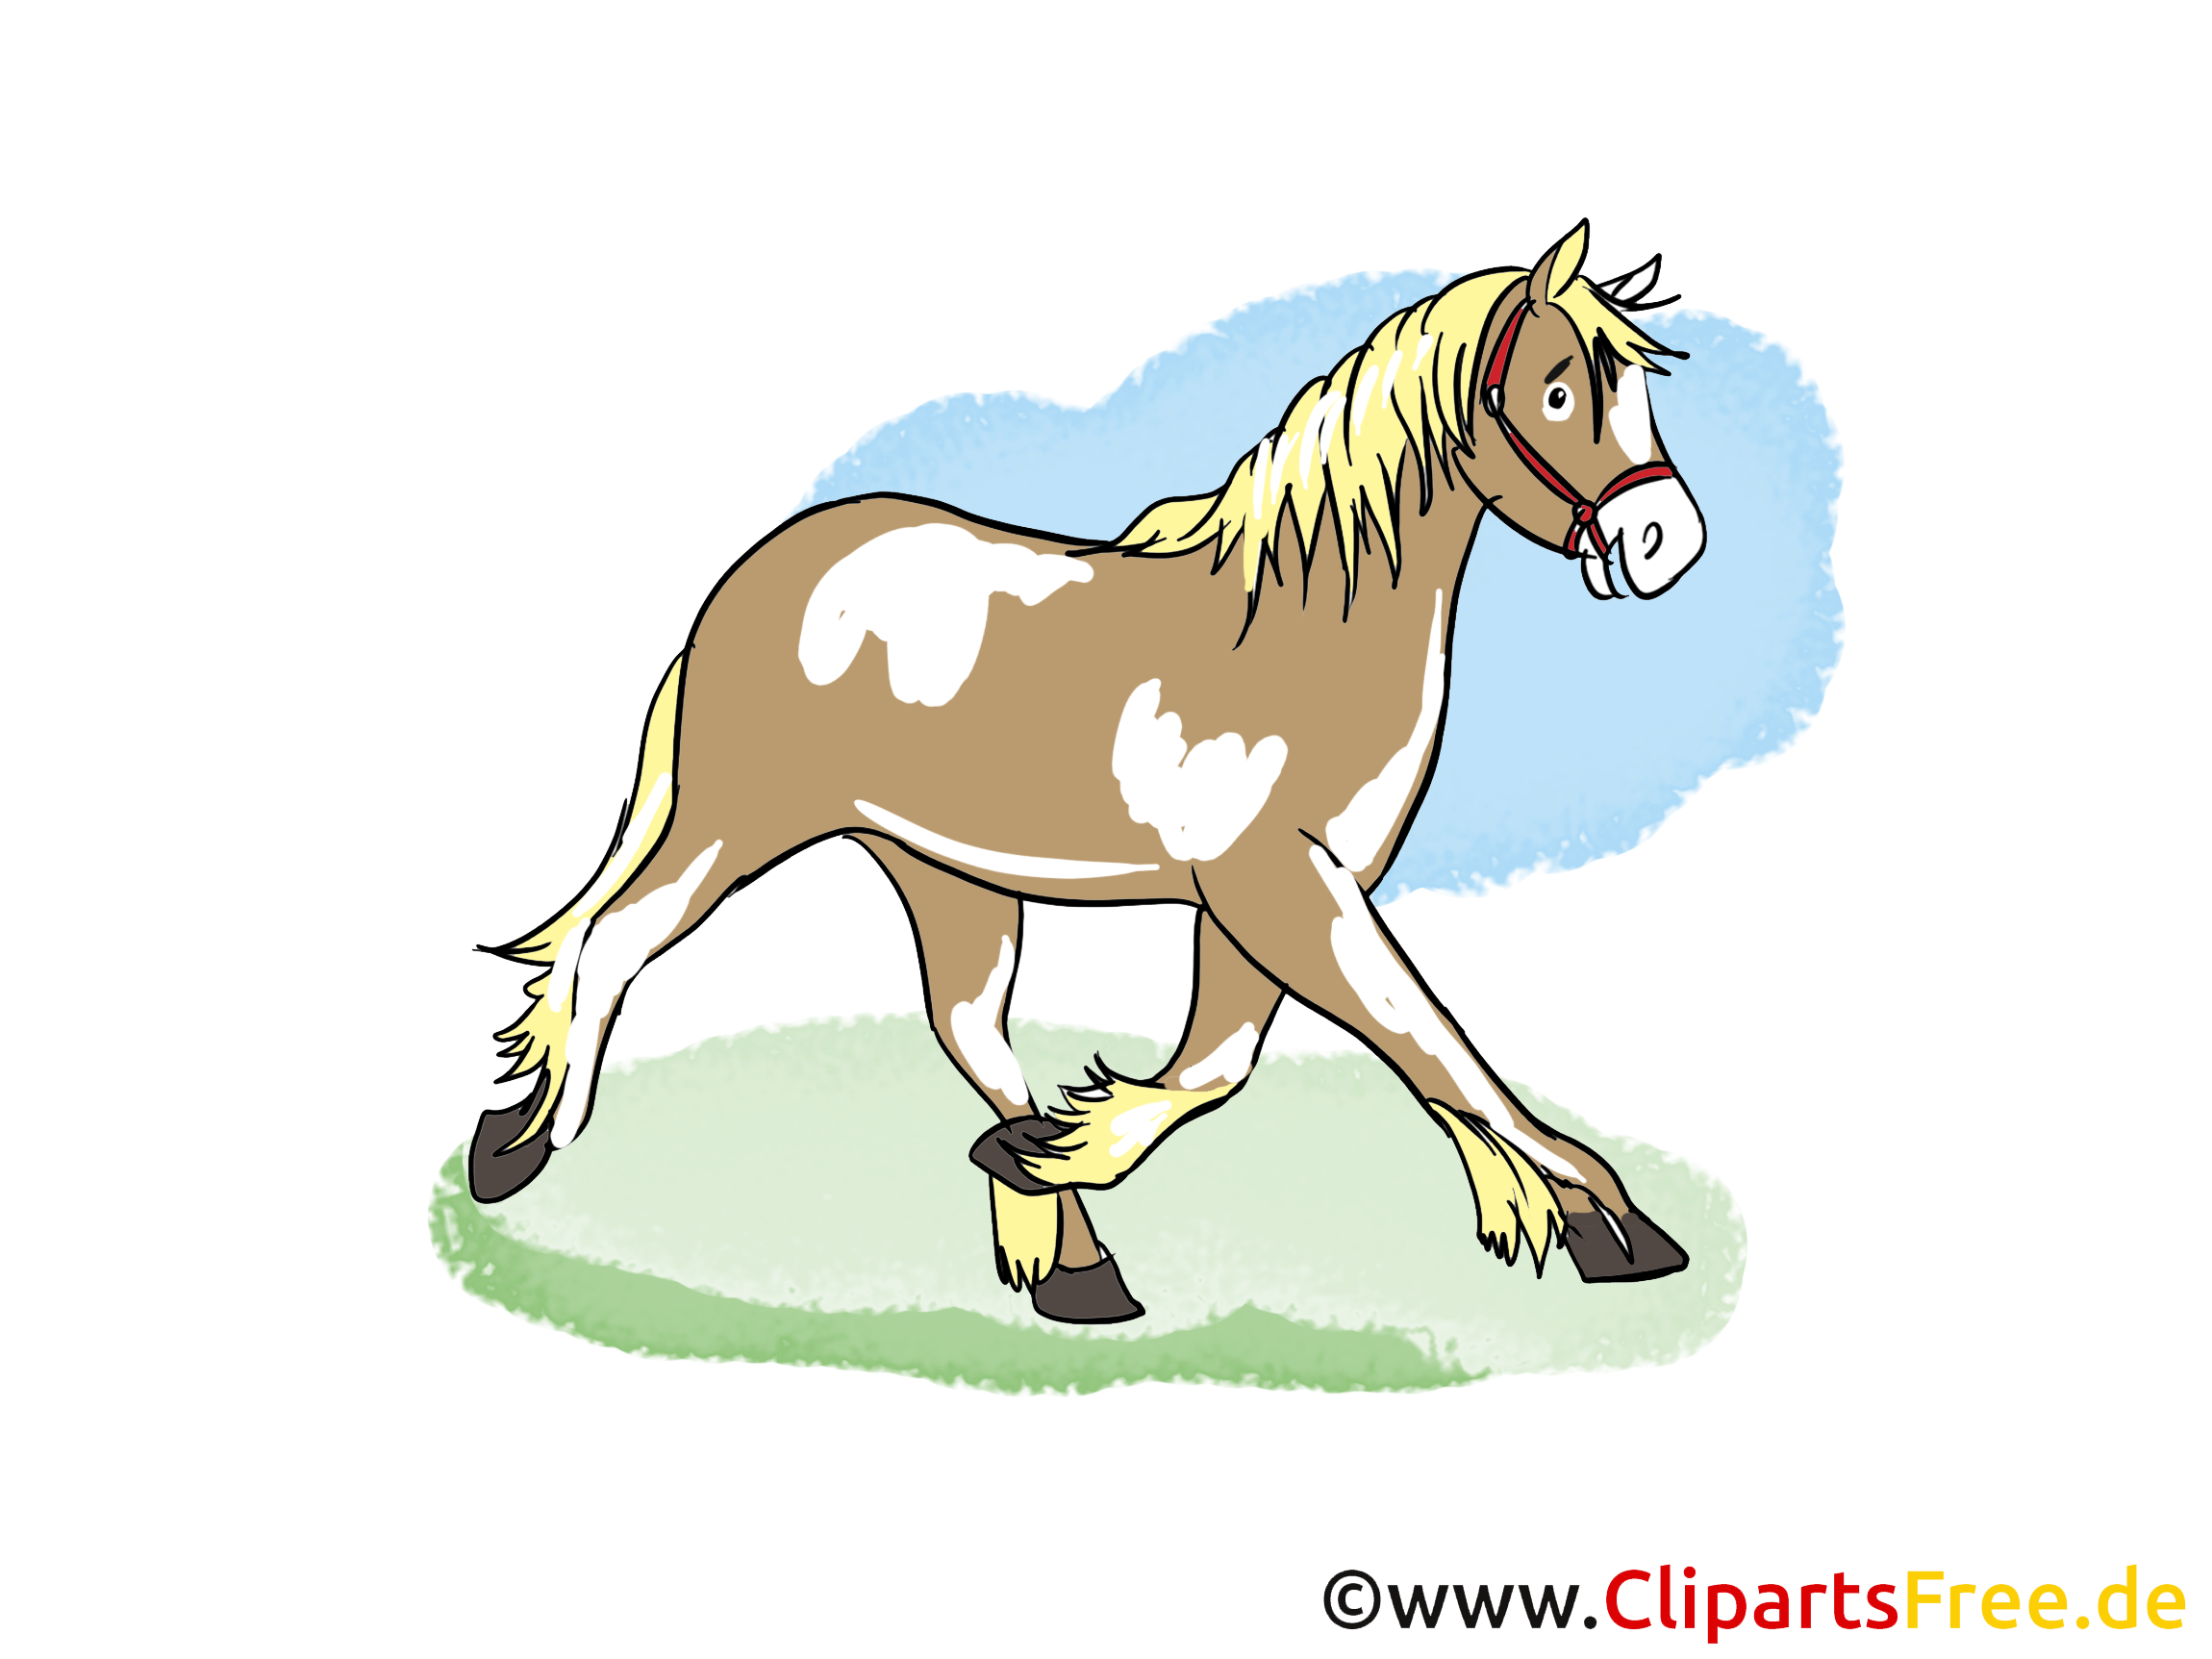 Pferd, Tier, Säugetier, Pfer